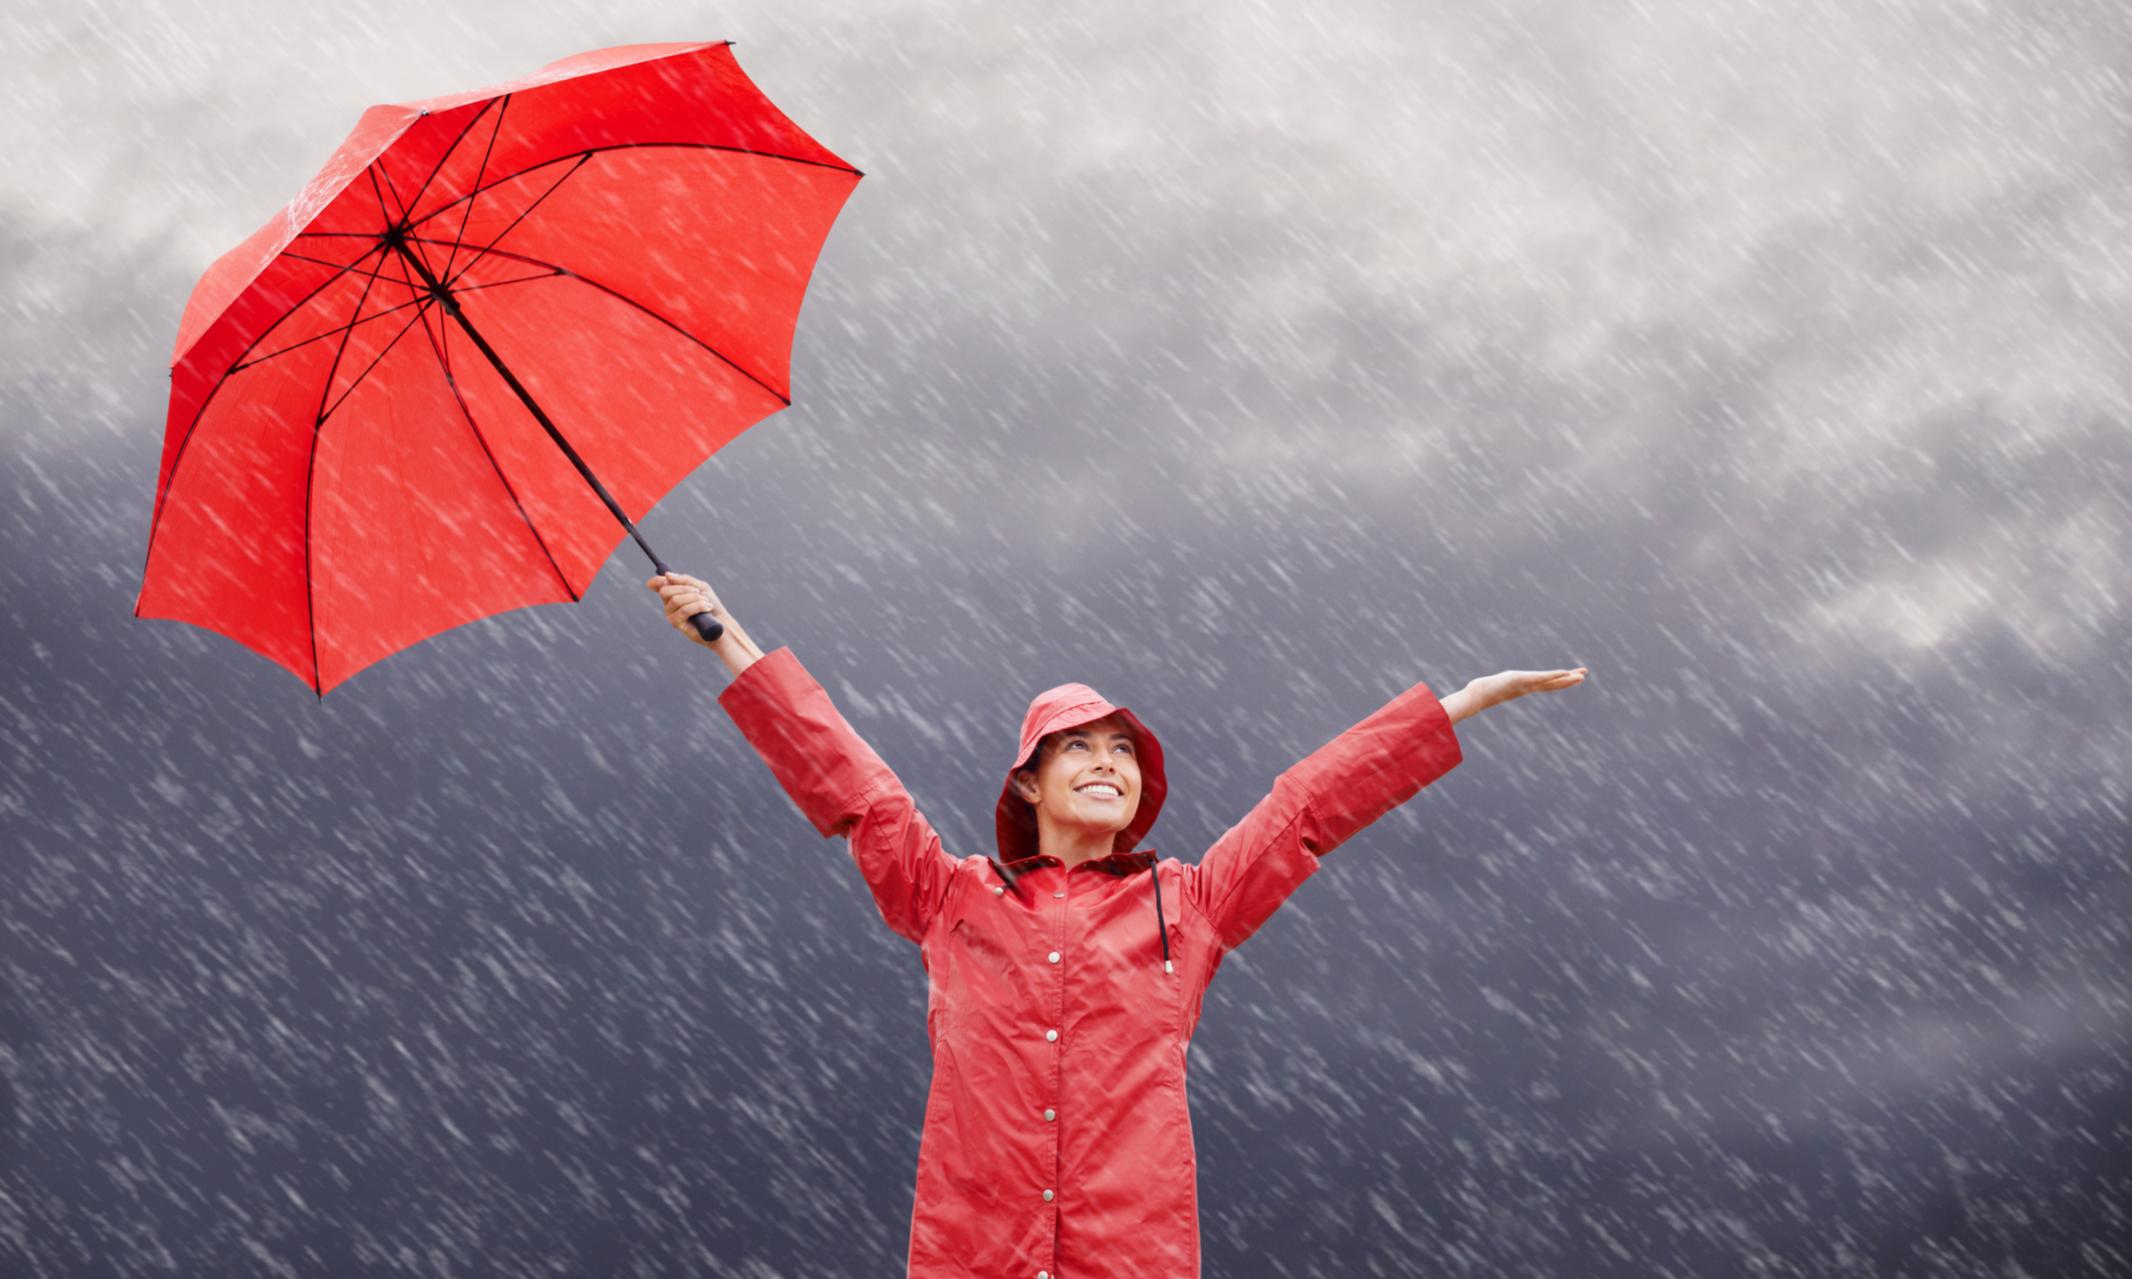 каких картинки погоды с людьми здоровенькими, берегите